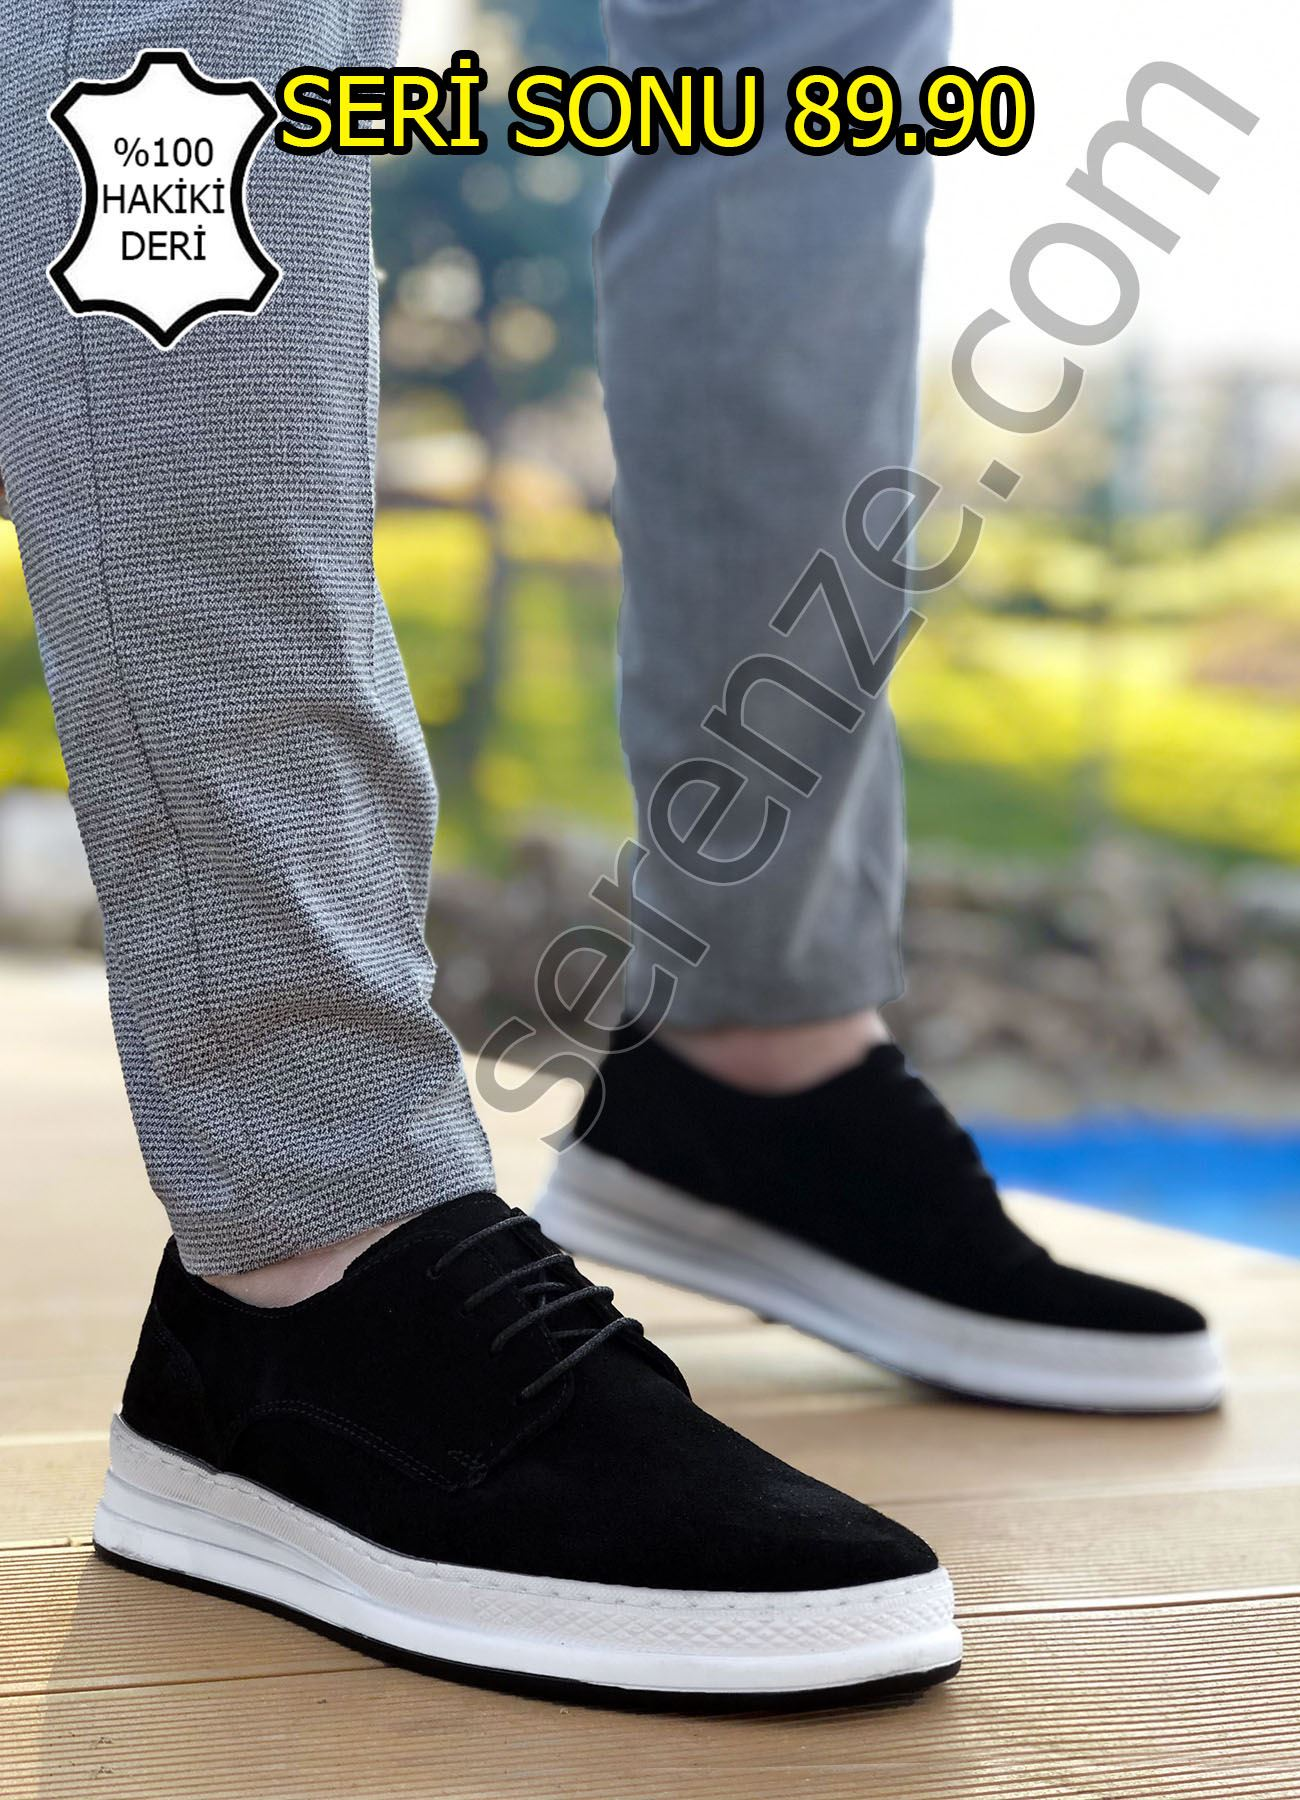 Siyah Süet Hakiki Deri Bağcıklı Erkek Klasik Ayakkabı